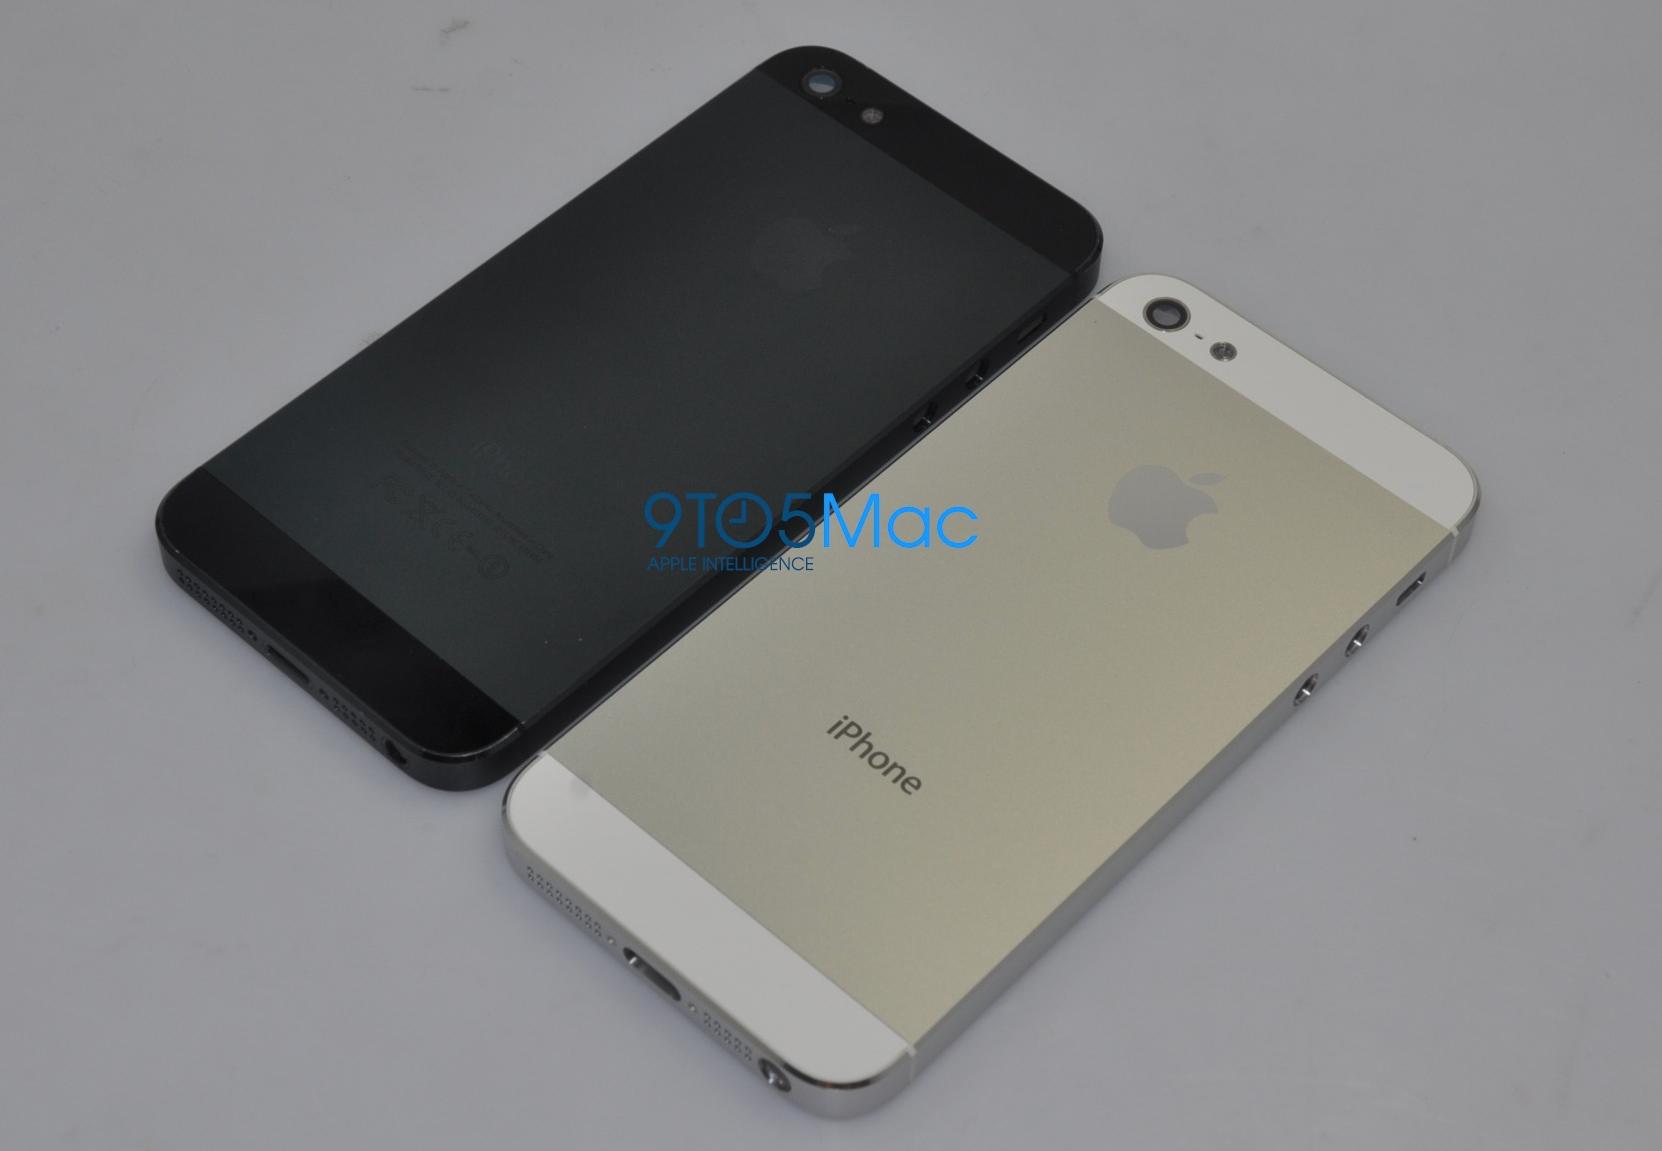 iPhone Rückseite aufgetaucht